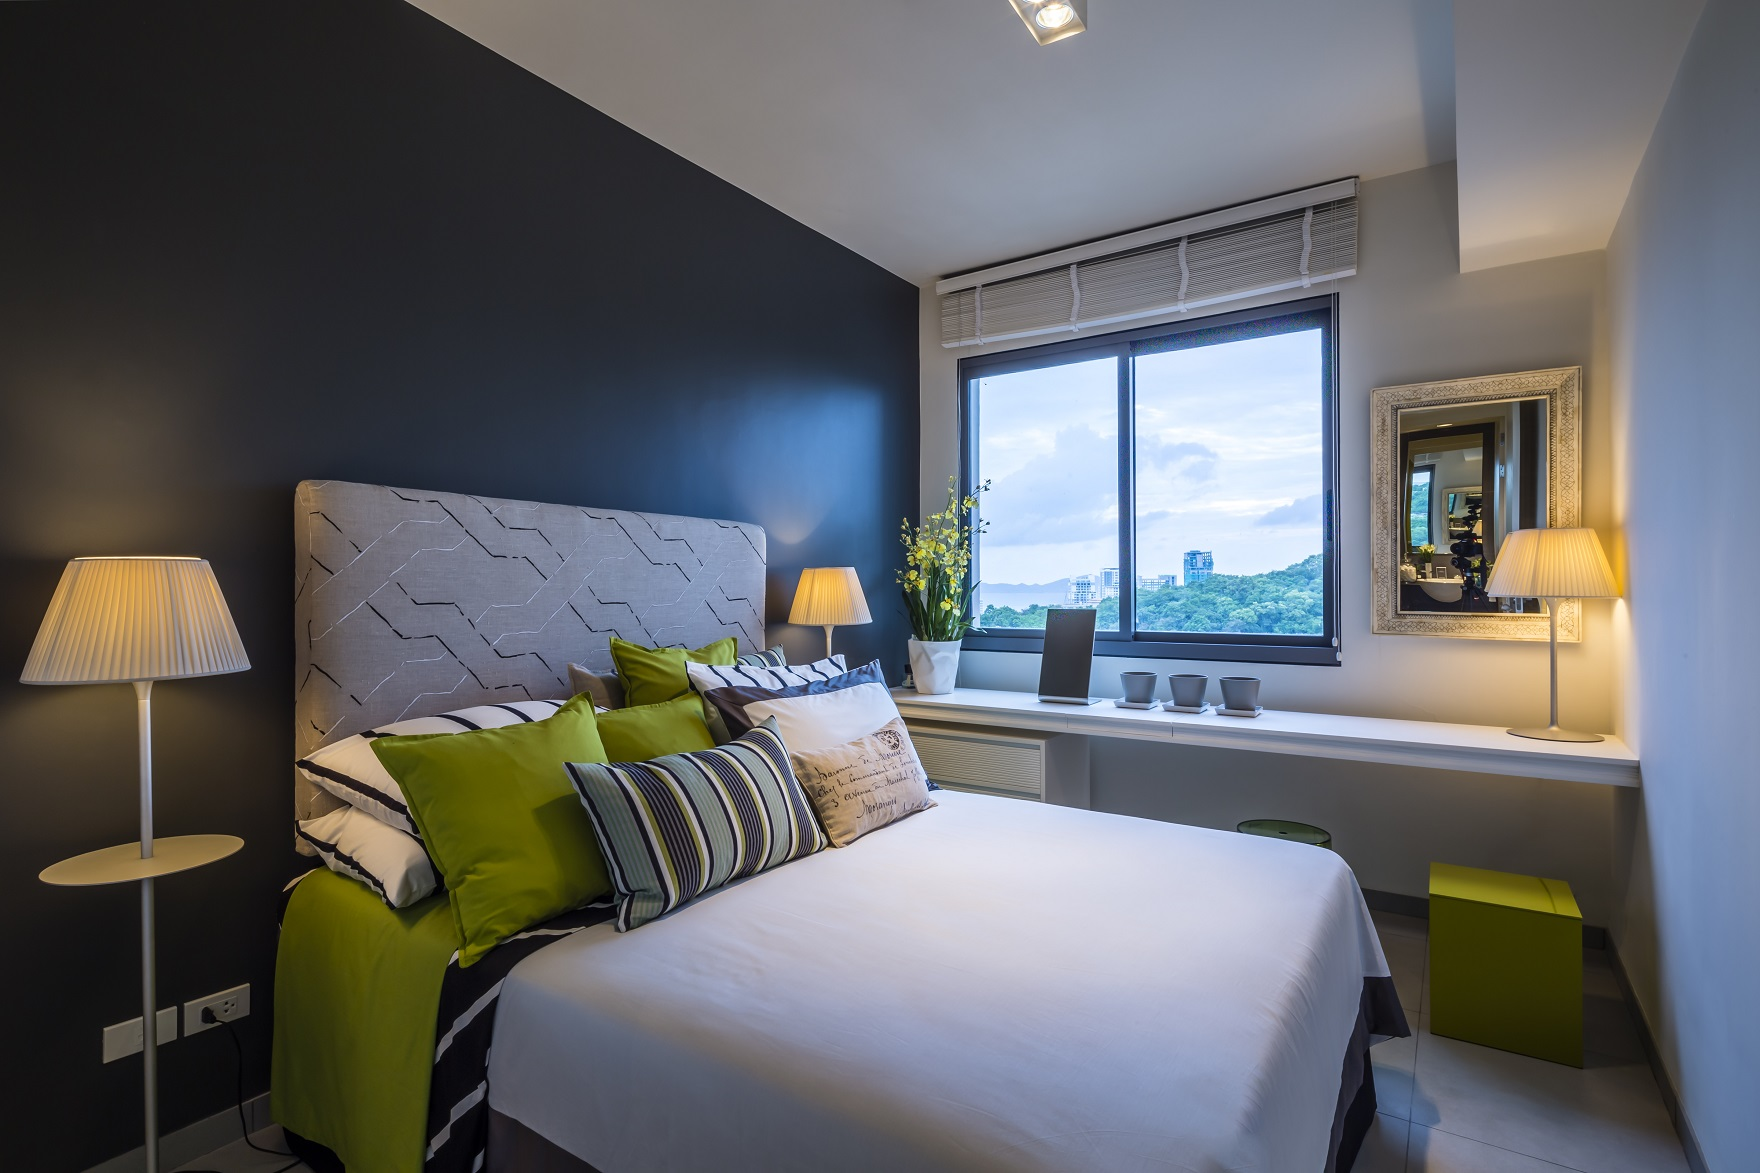 Unixx_one bedroom4